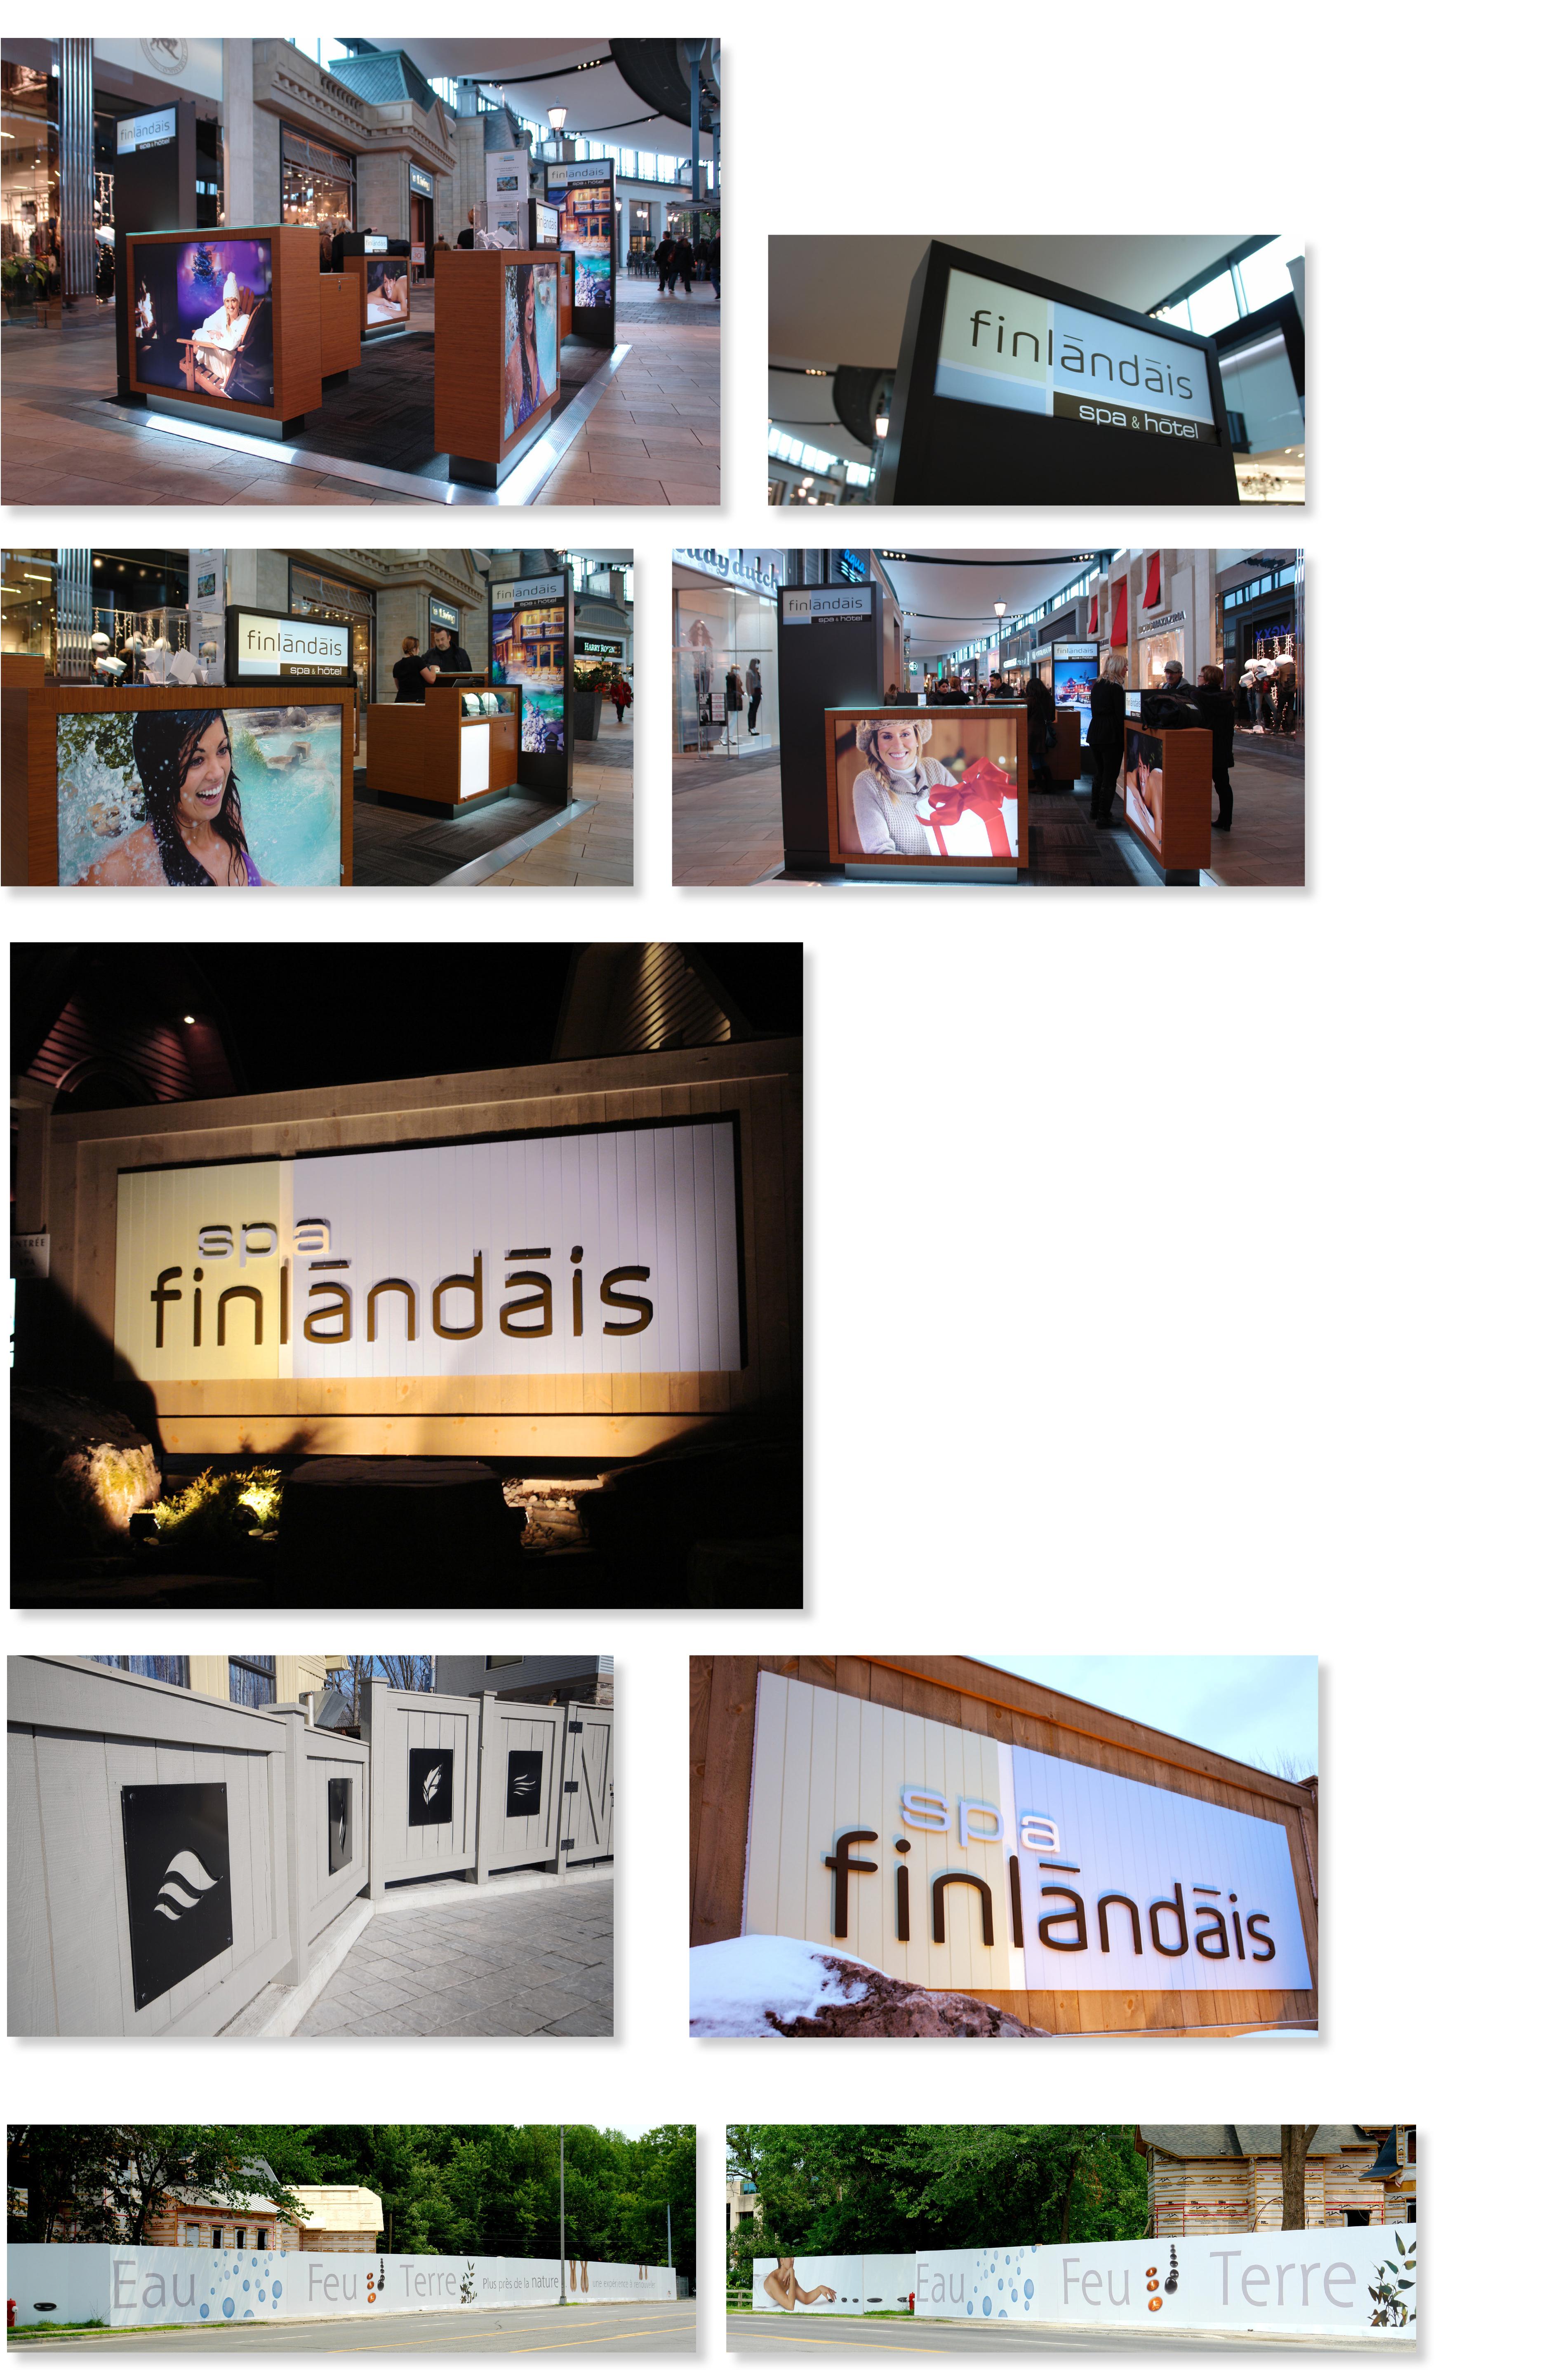 Finlandais_2_14